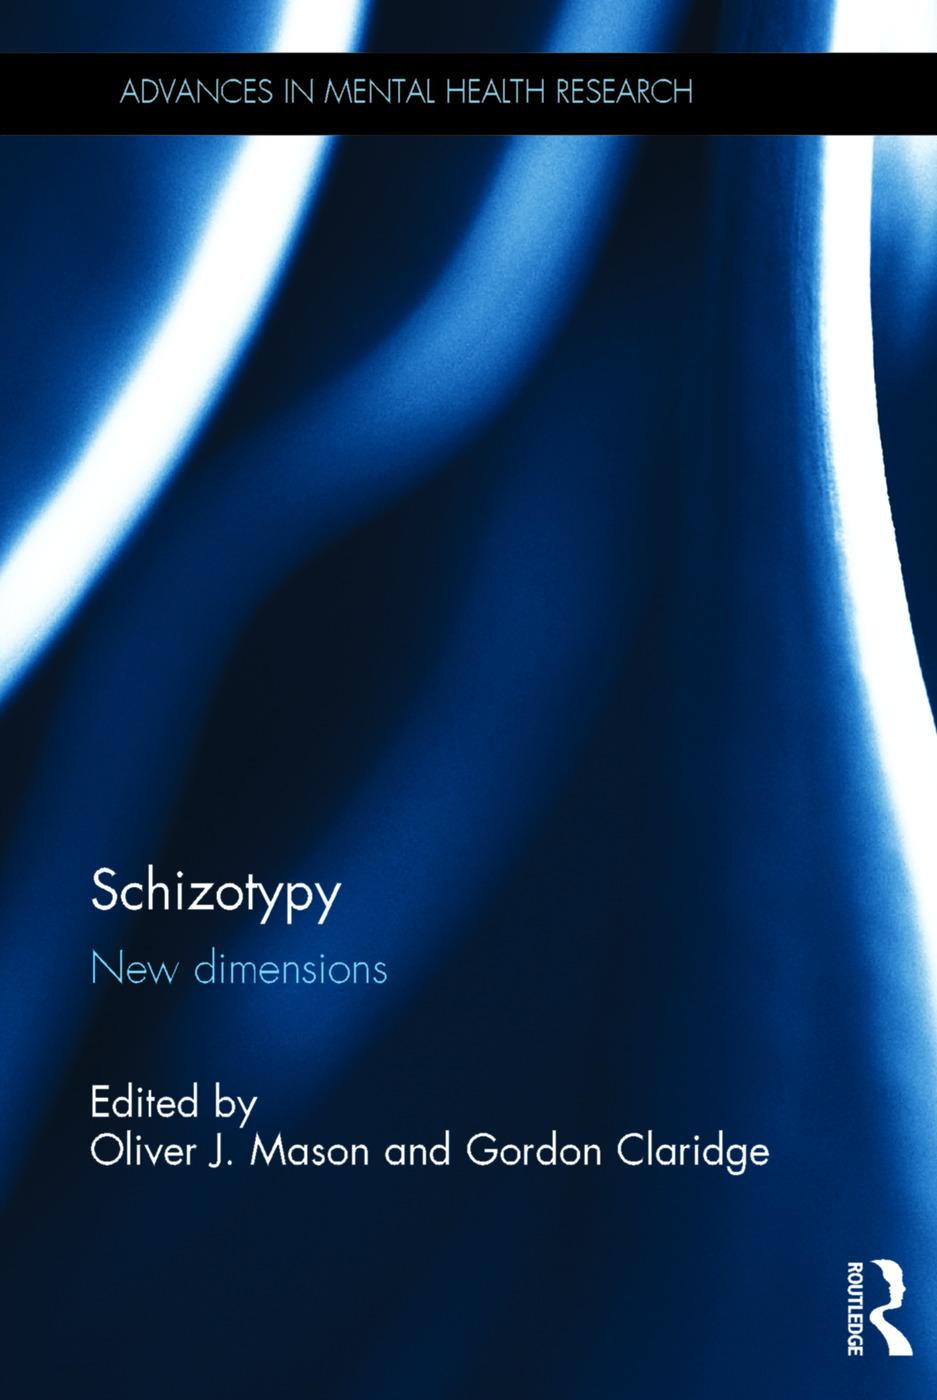 Schizotypy: New dimensions book cover